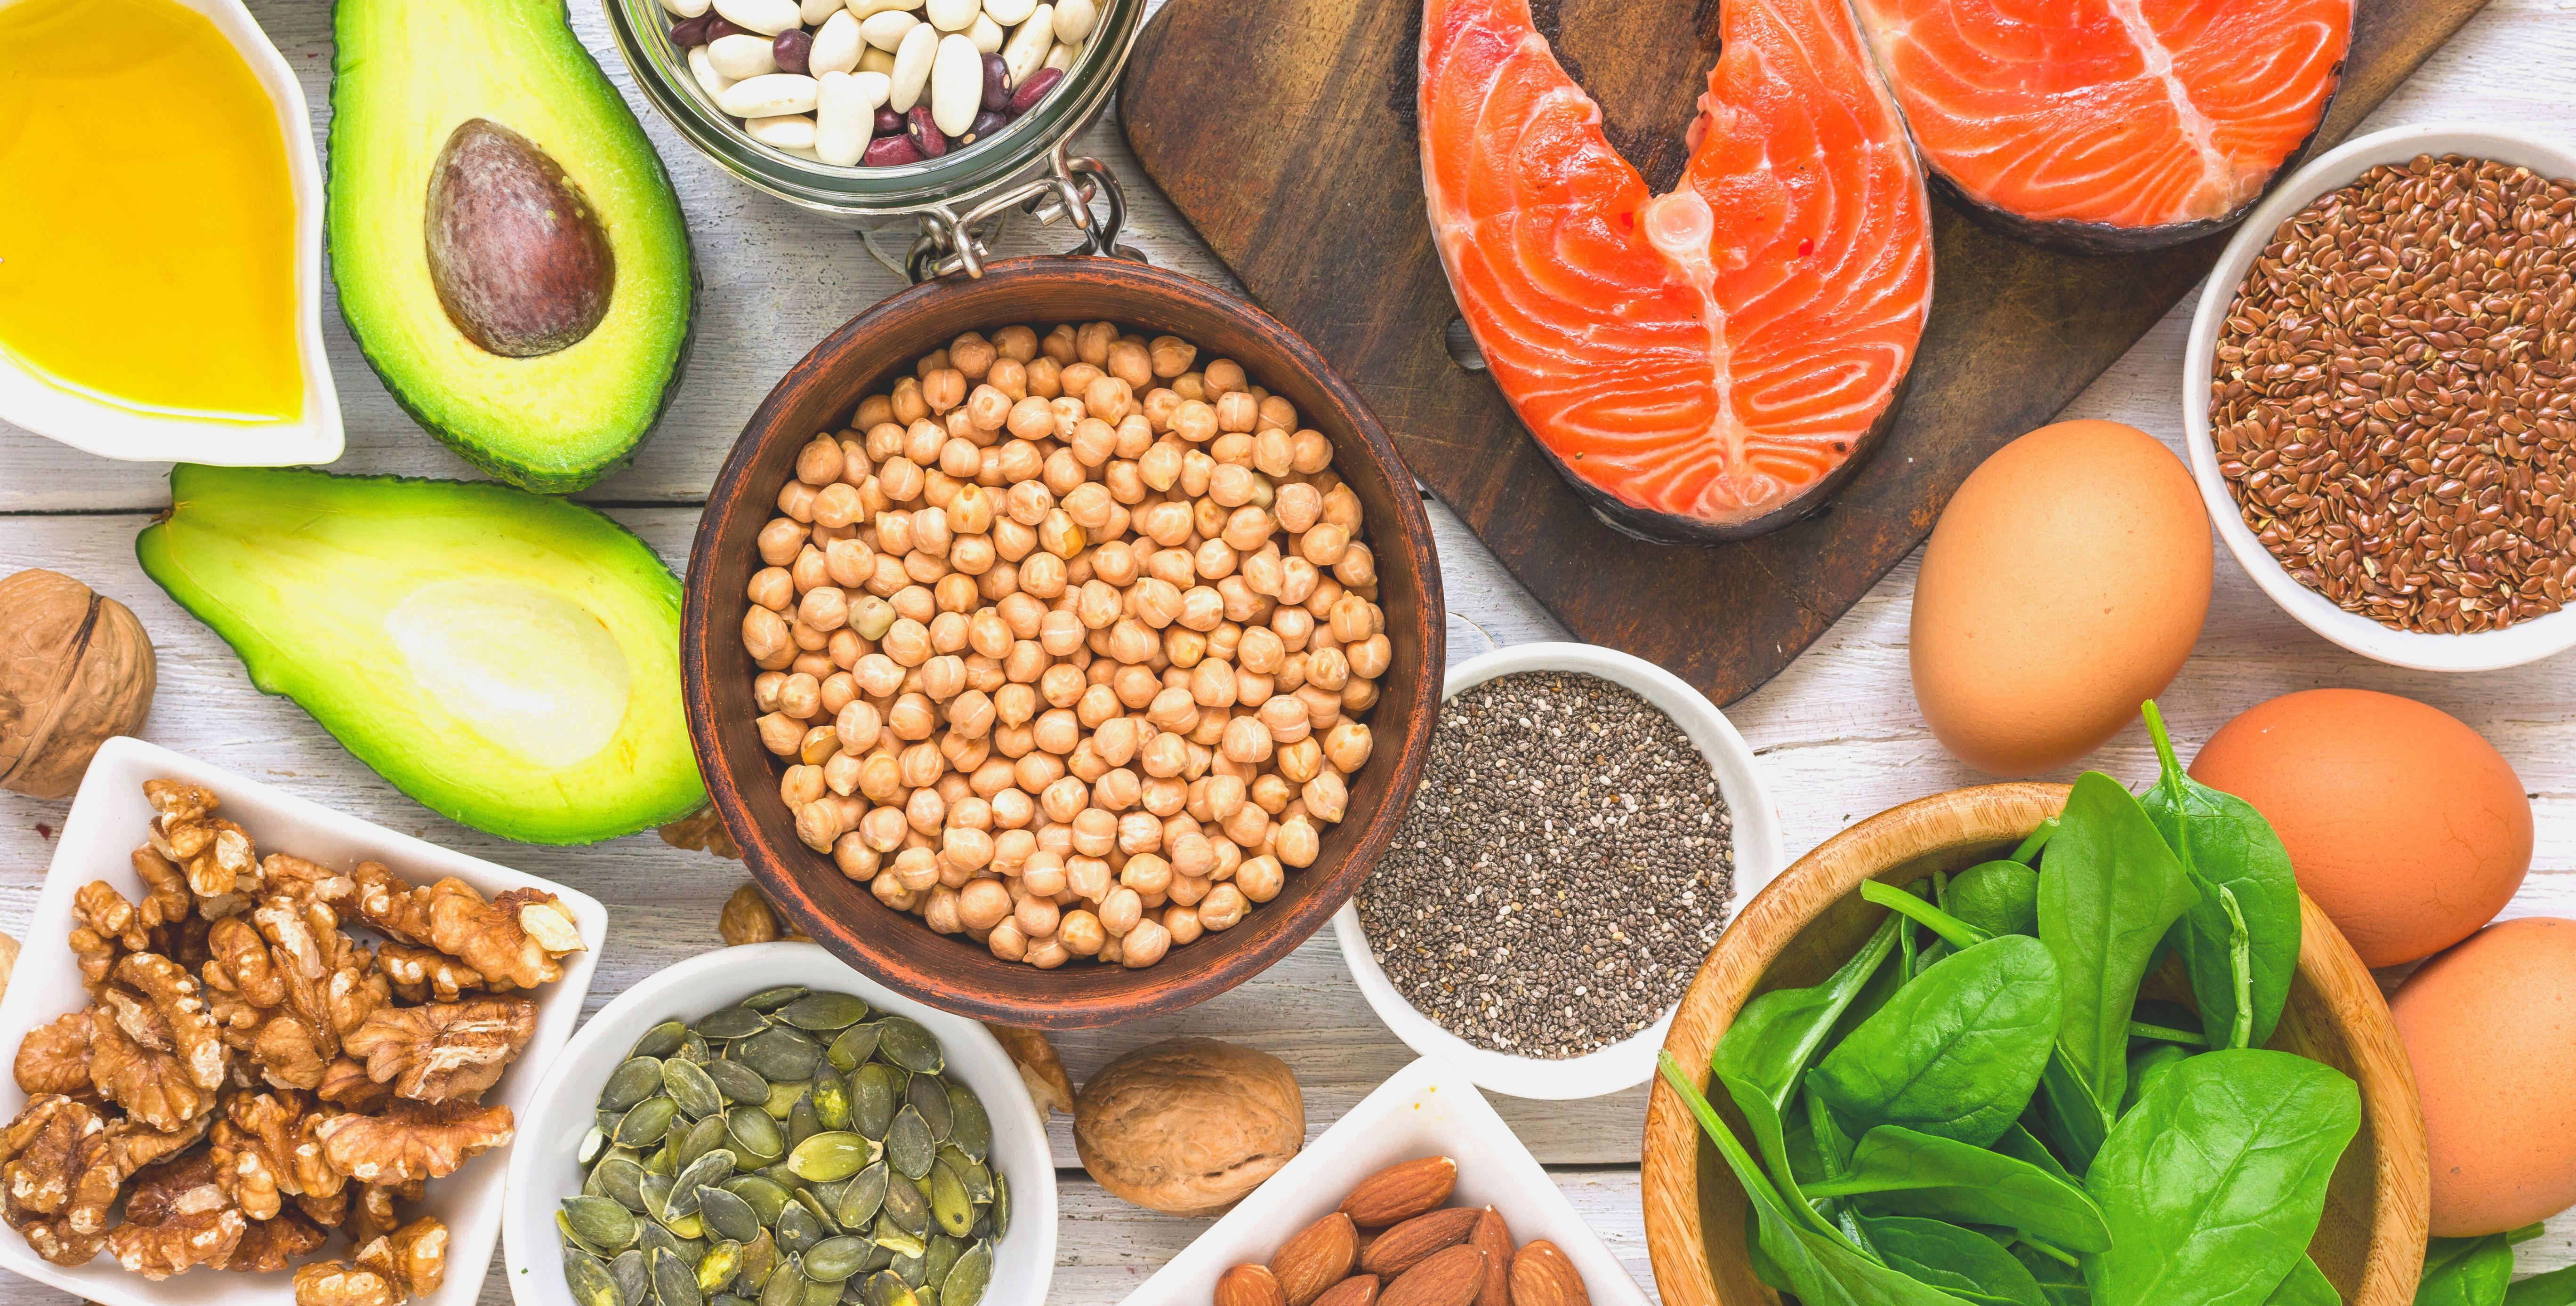 alimentation pour renforcer son immunité